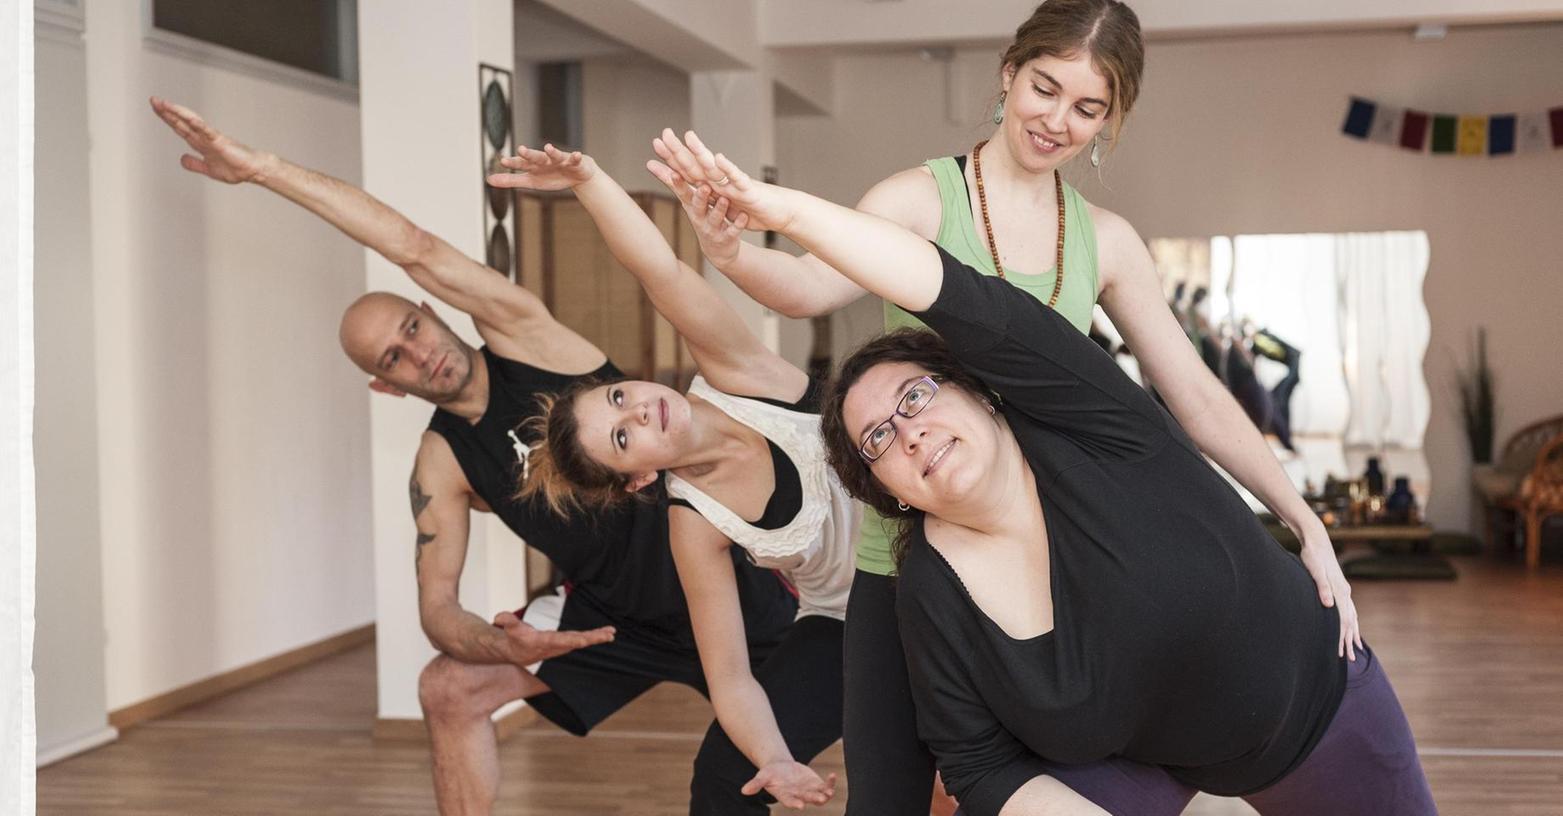 Die Asanas genannten Körperstellungen sind nur ein Teil des Yogas. Mindestens genauso wichtig sind Atem, Entspannung und Meditation. Im Zusammenhang mit Yoga werden nach Schätzungen weltweit 42 Milliarden Euro erlöst.